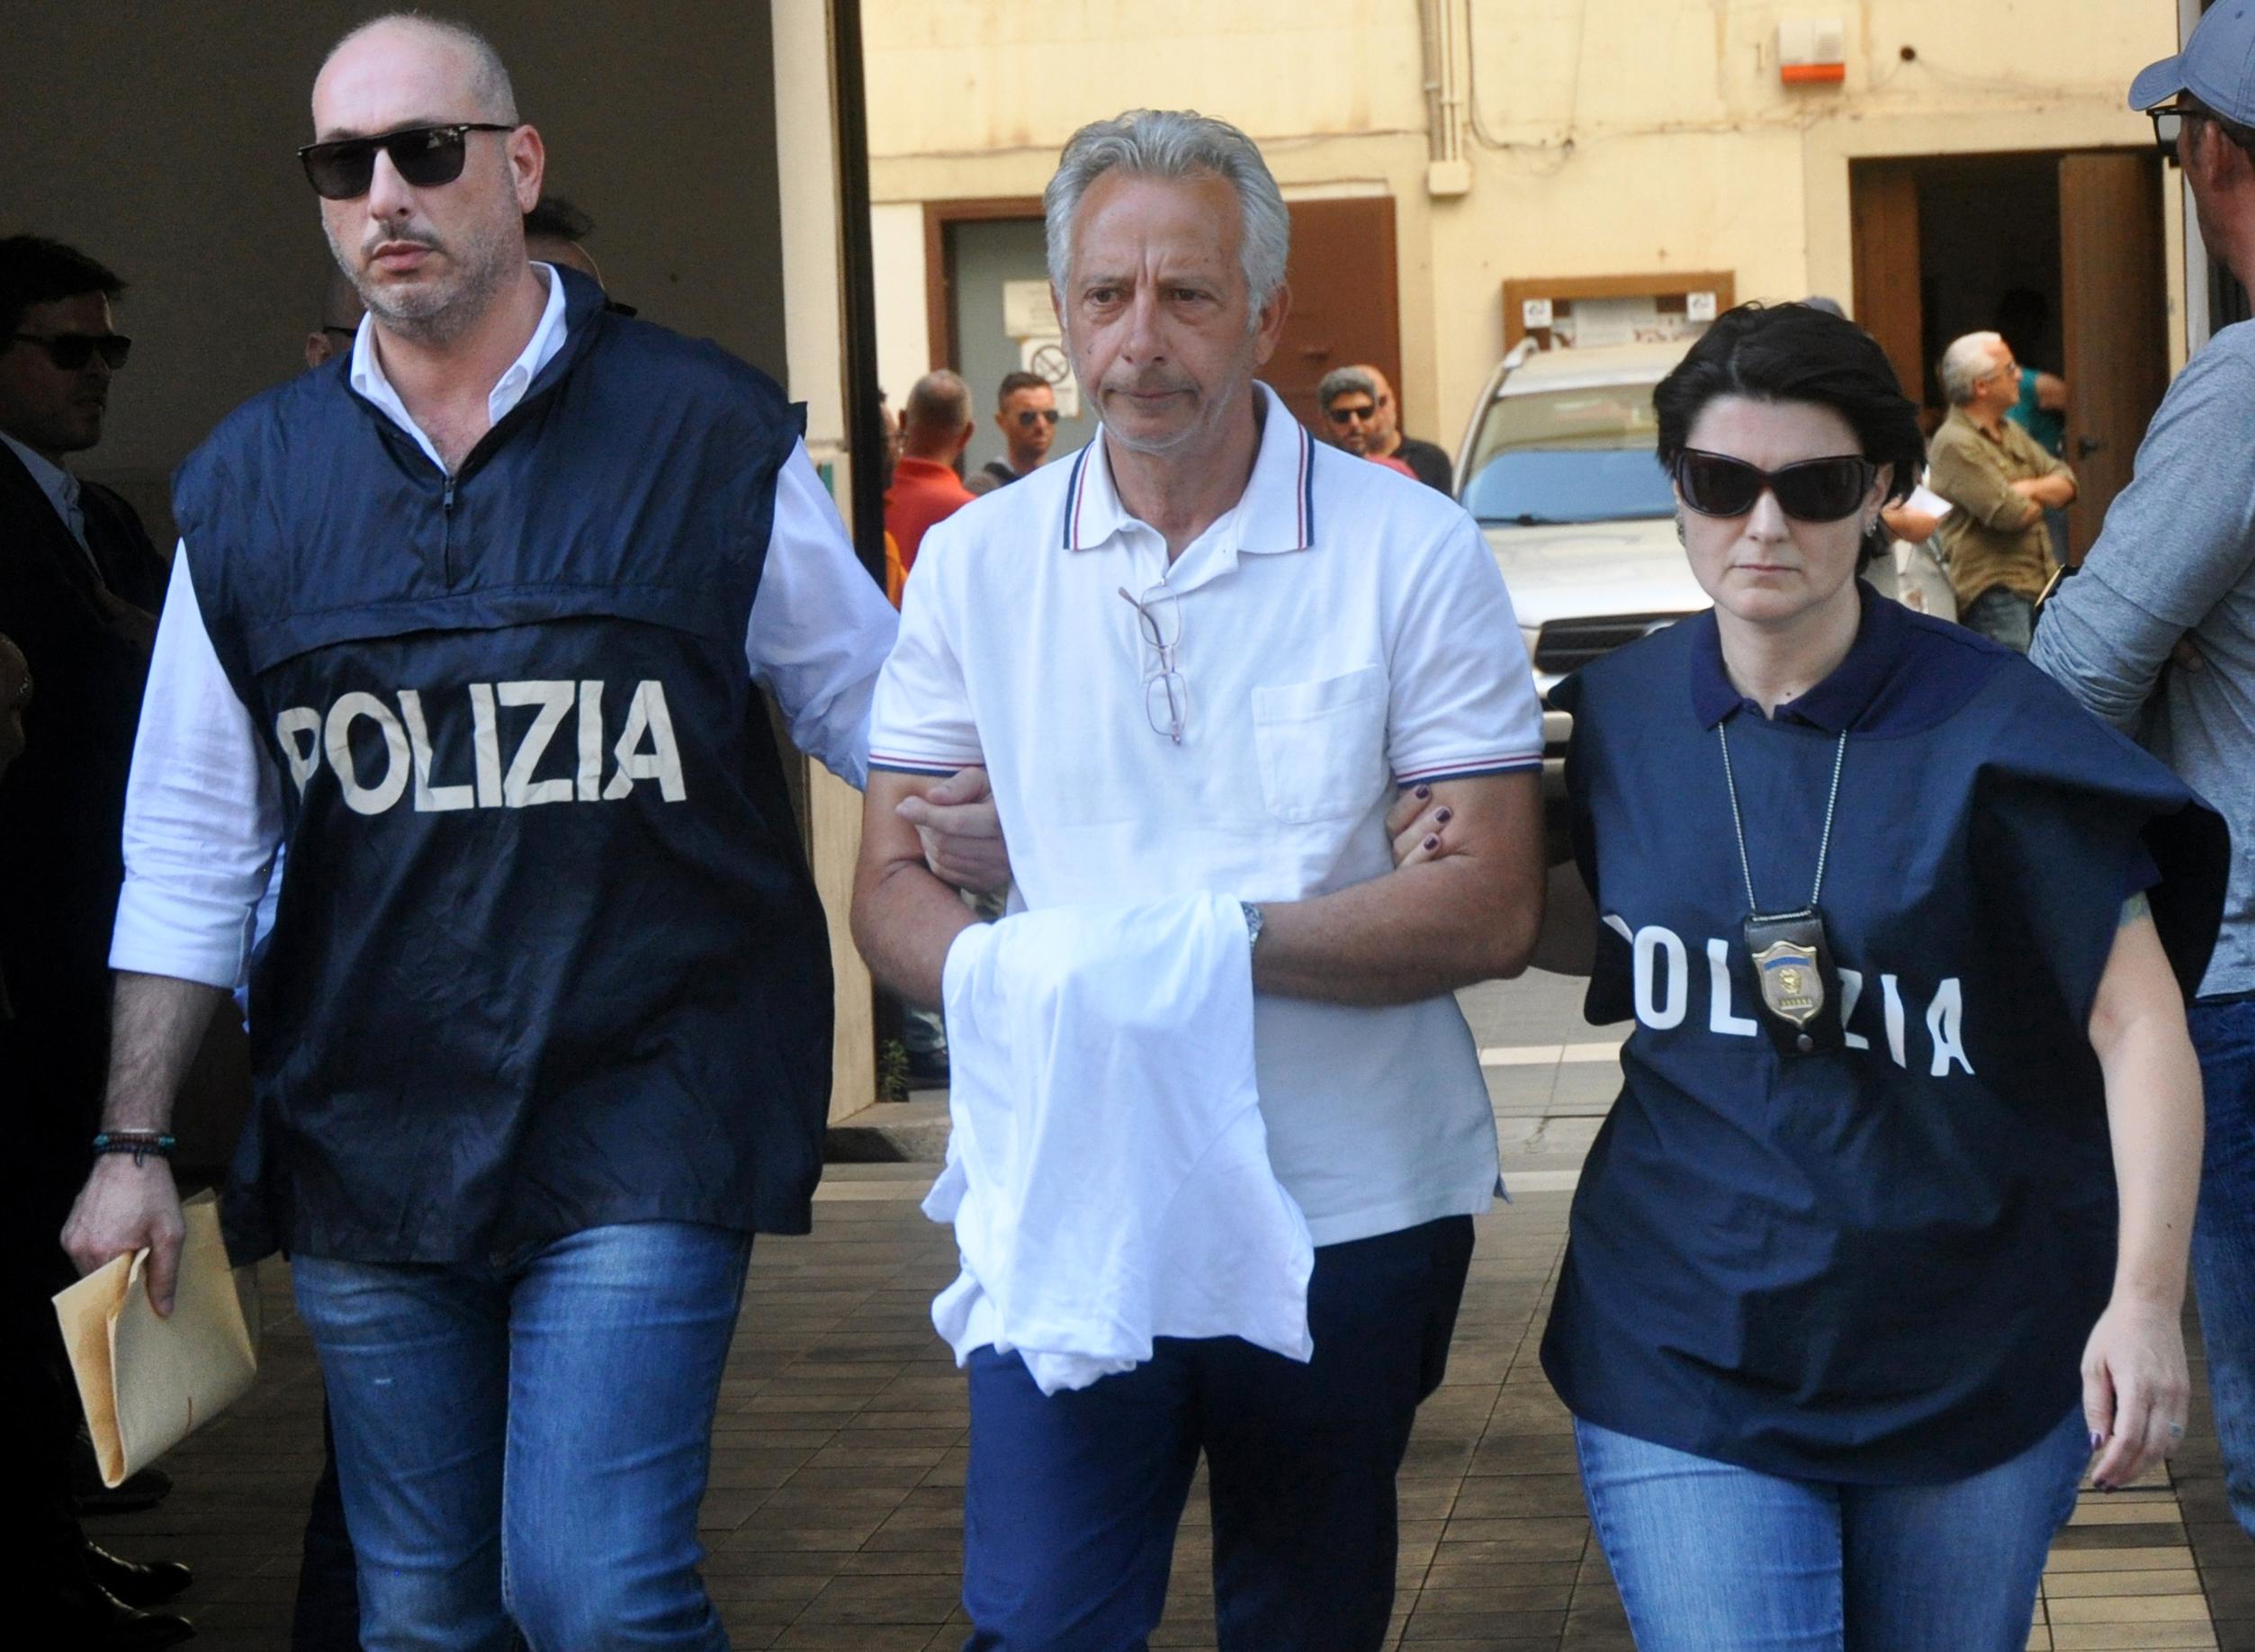 New York-i segítséggel akarták újjászervezni a maffiát Szicíliában